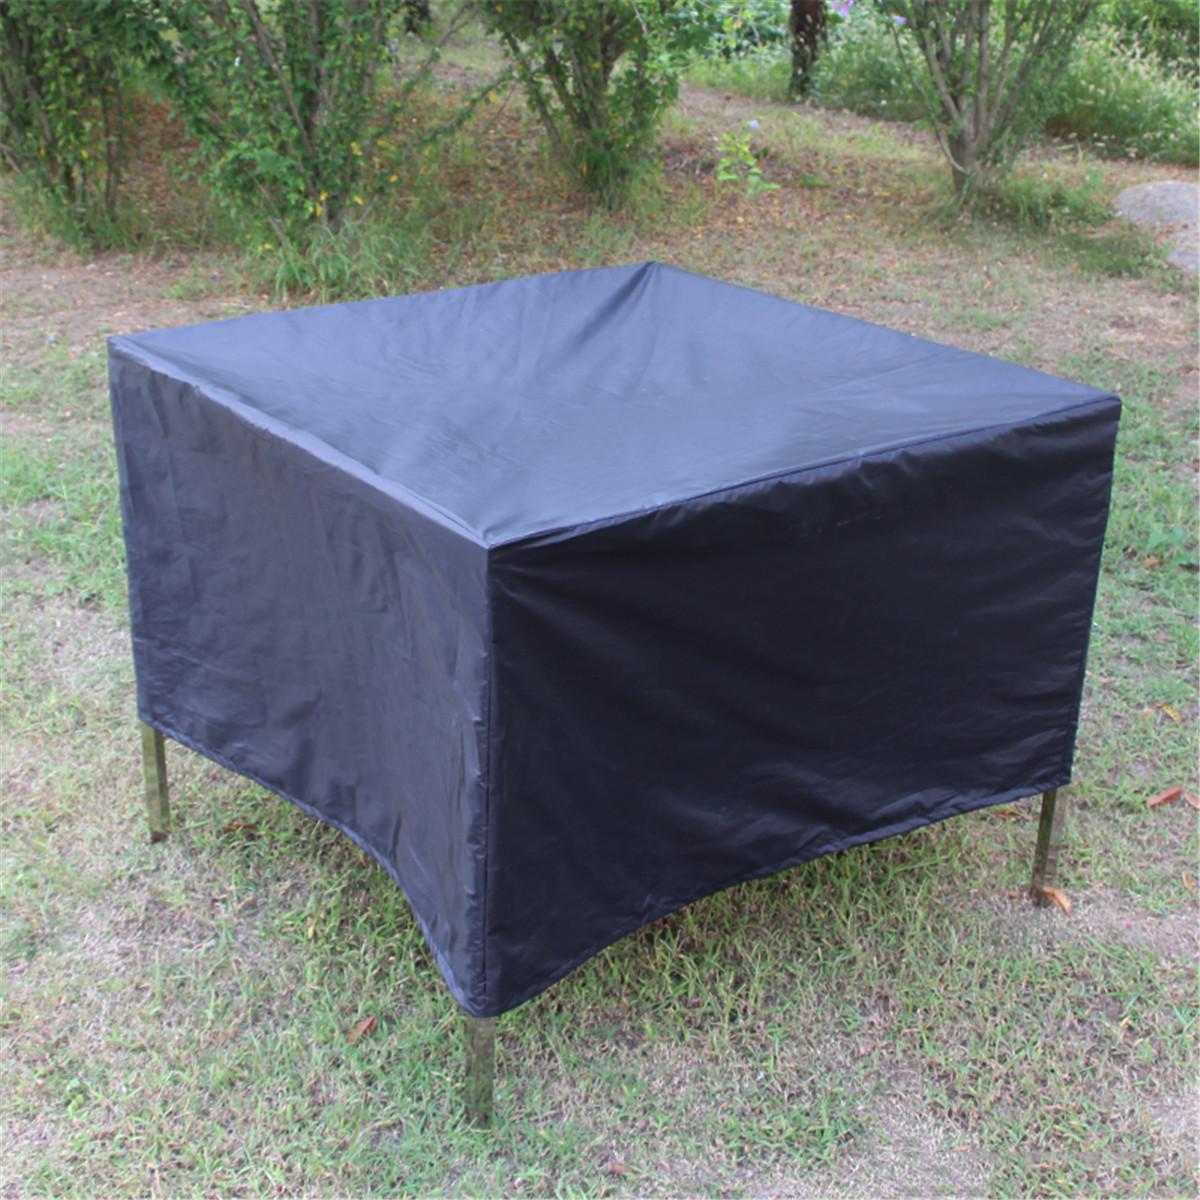 Ipree 160x160x84cm Outdoor Garden Patio Waterproof Cube